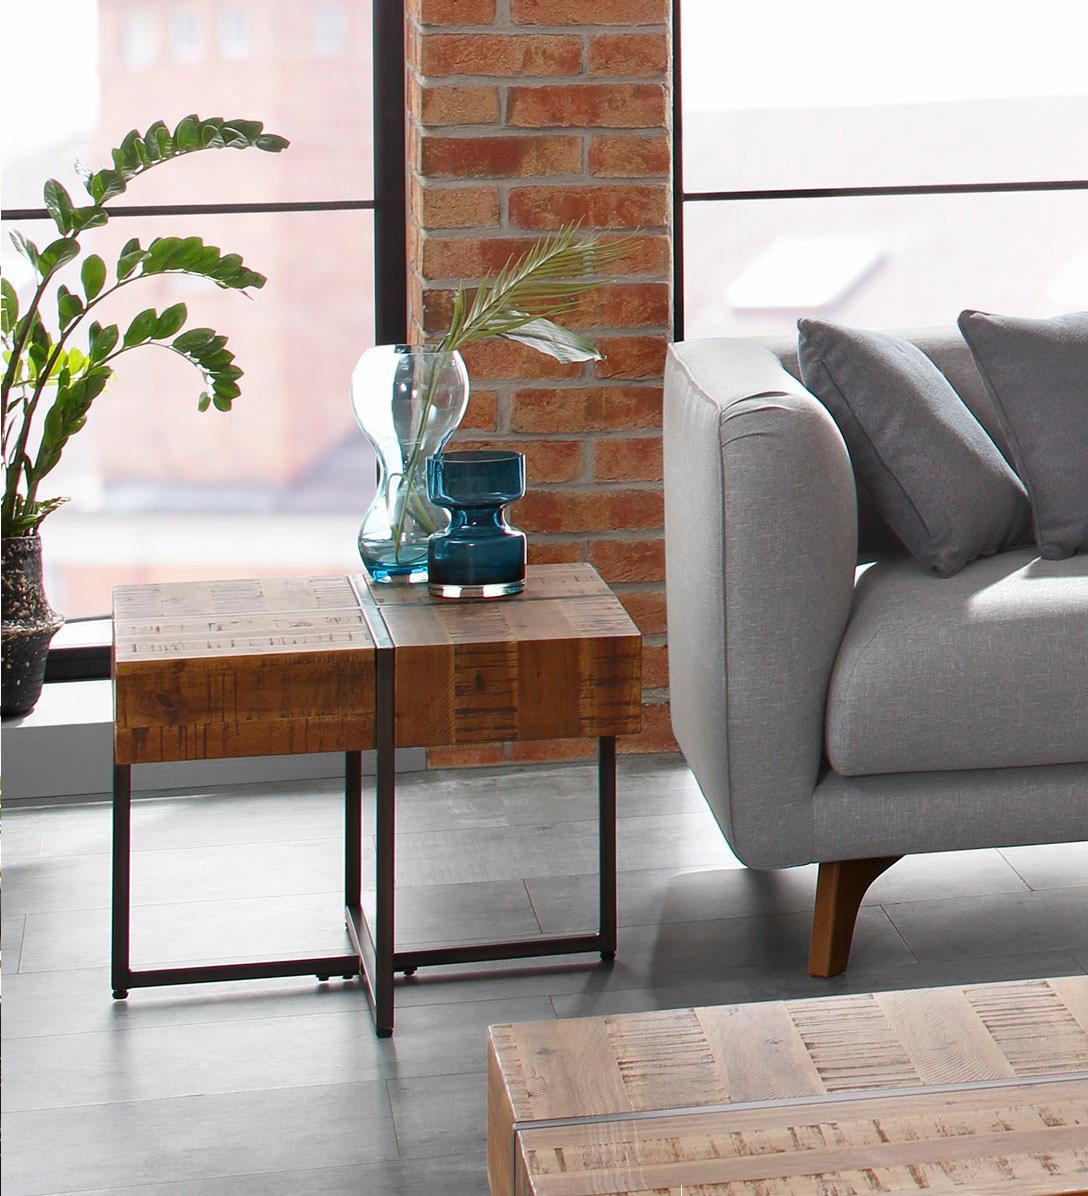 Einzigartig Industrial Look Möbel Foto Von Home Affaire Beistelltisch »marilynÂ«, Tischplatte 60/60 Cm,